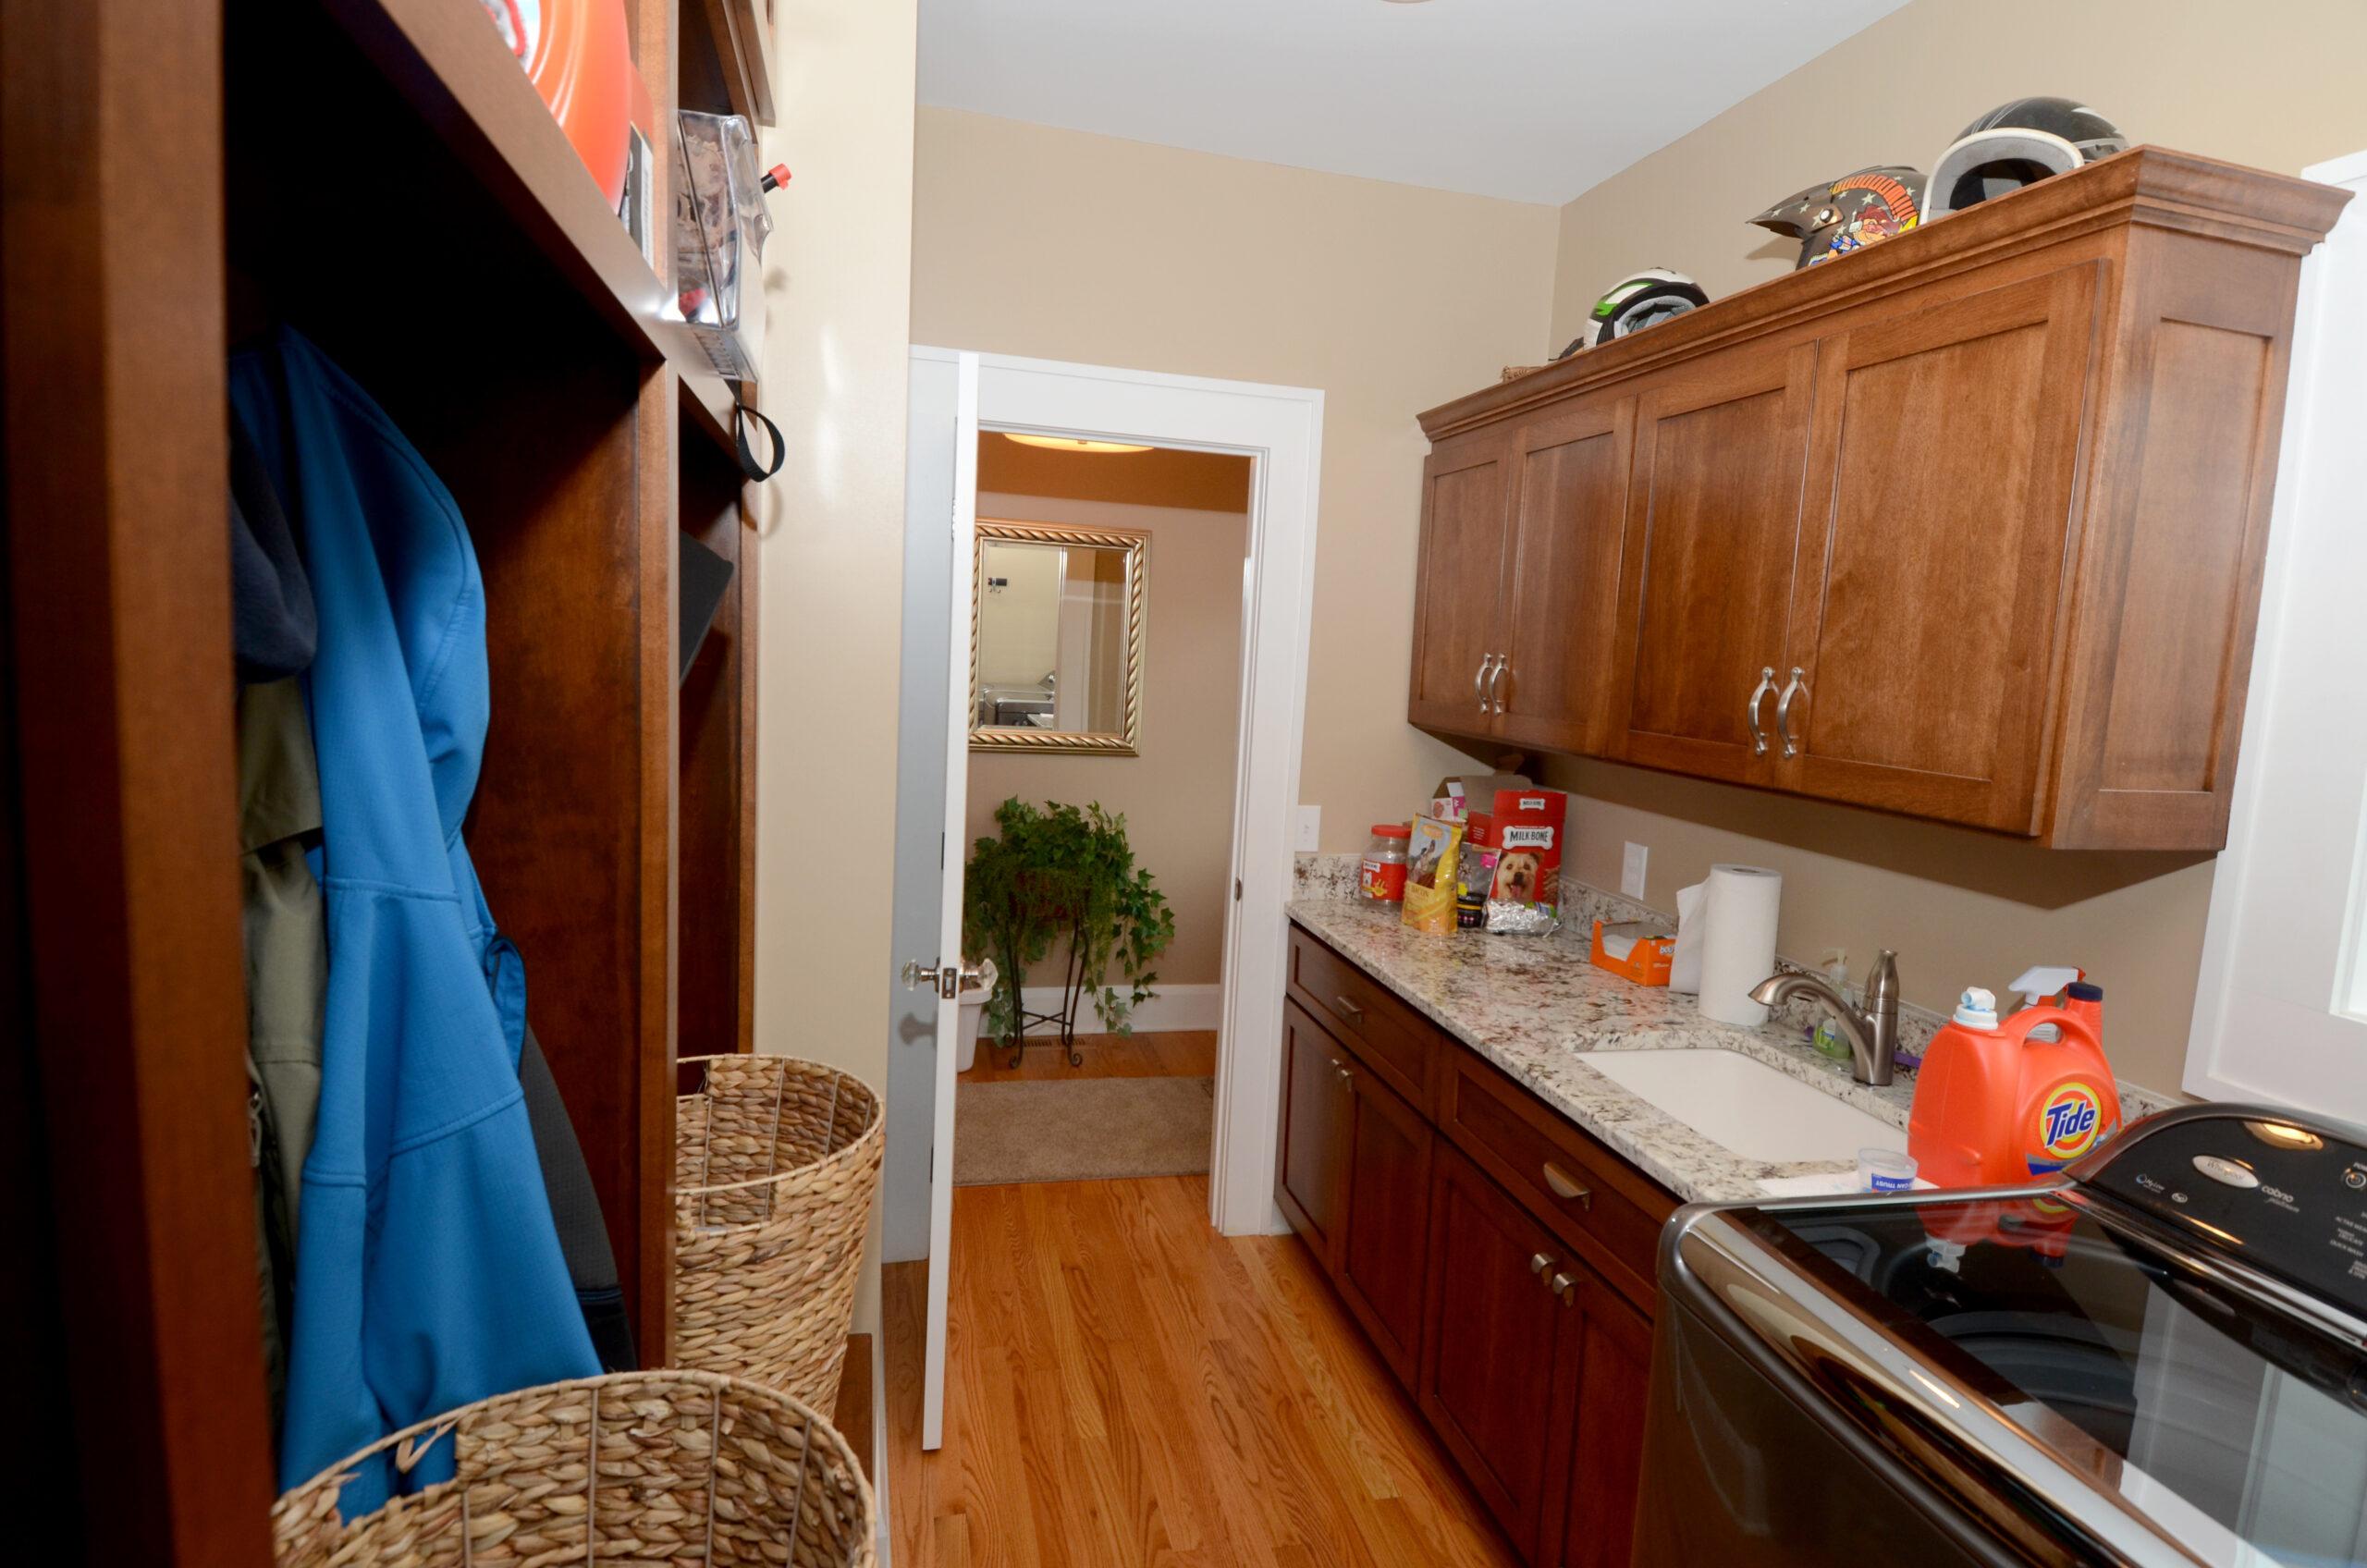 multitasking kitchen